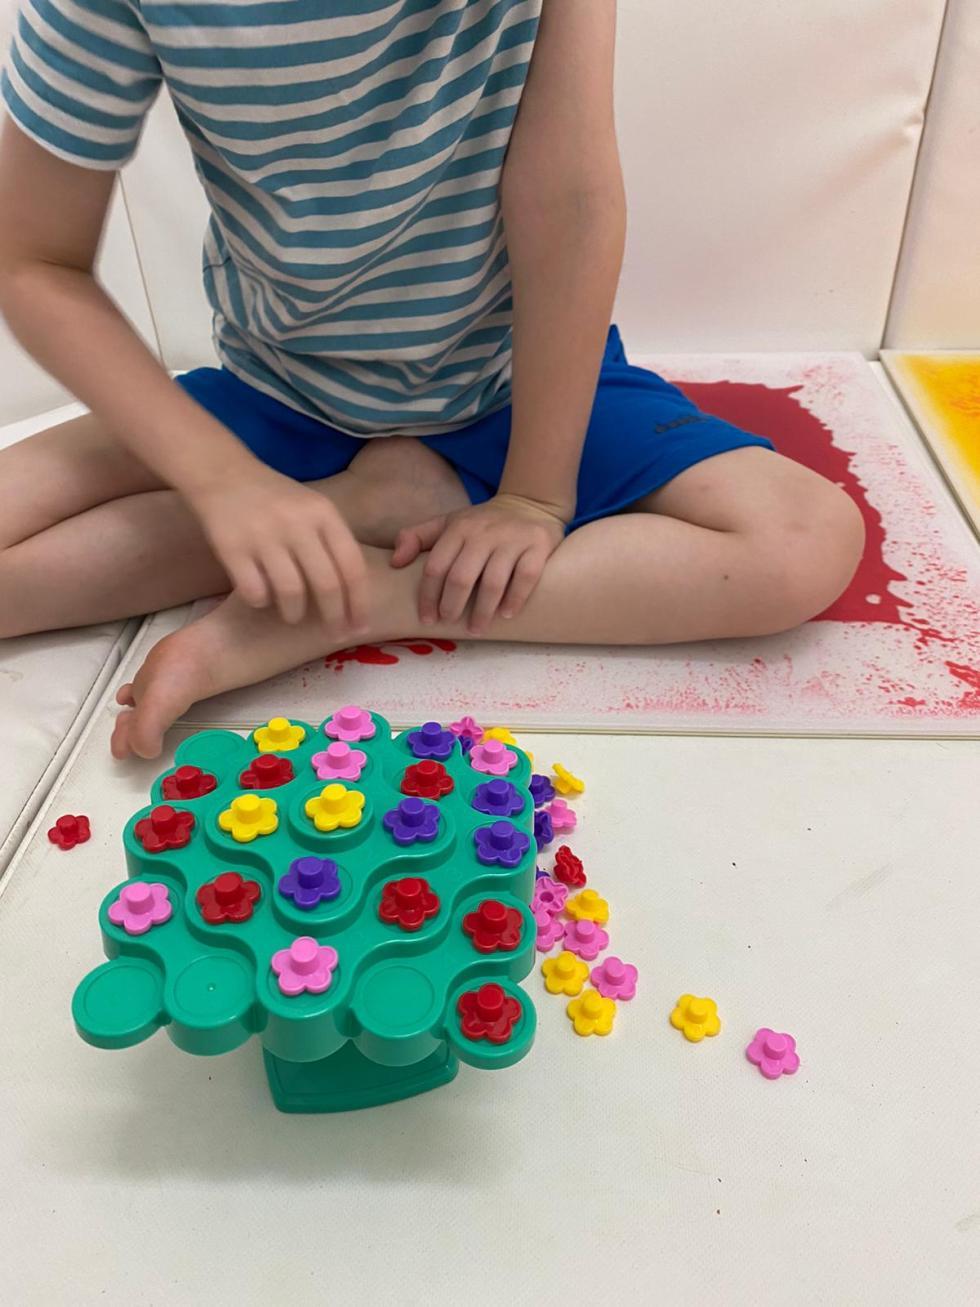 עיצוב קליניקה לטיפול בילדים בבית מאפשר טיפולים יותר אפקטיביים עם אנשי המקצוע שנכנסים לעבוד עם הילדים שלנו